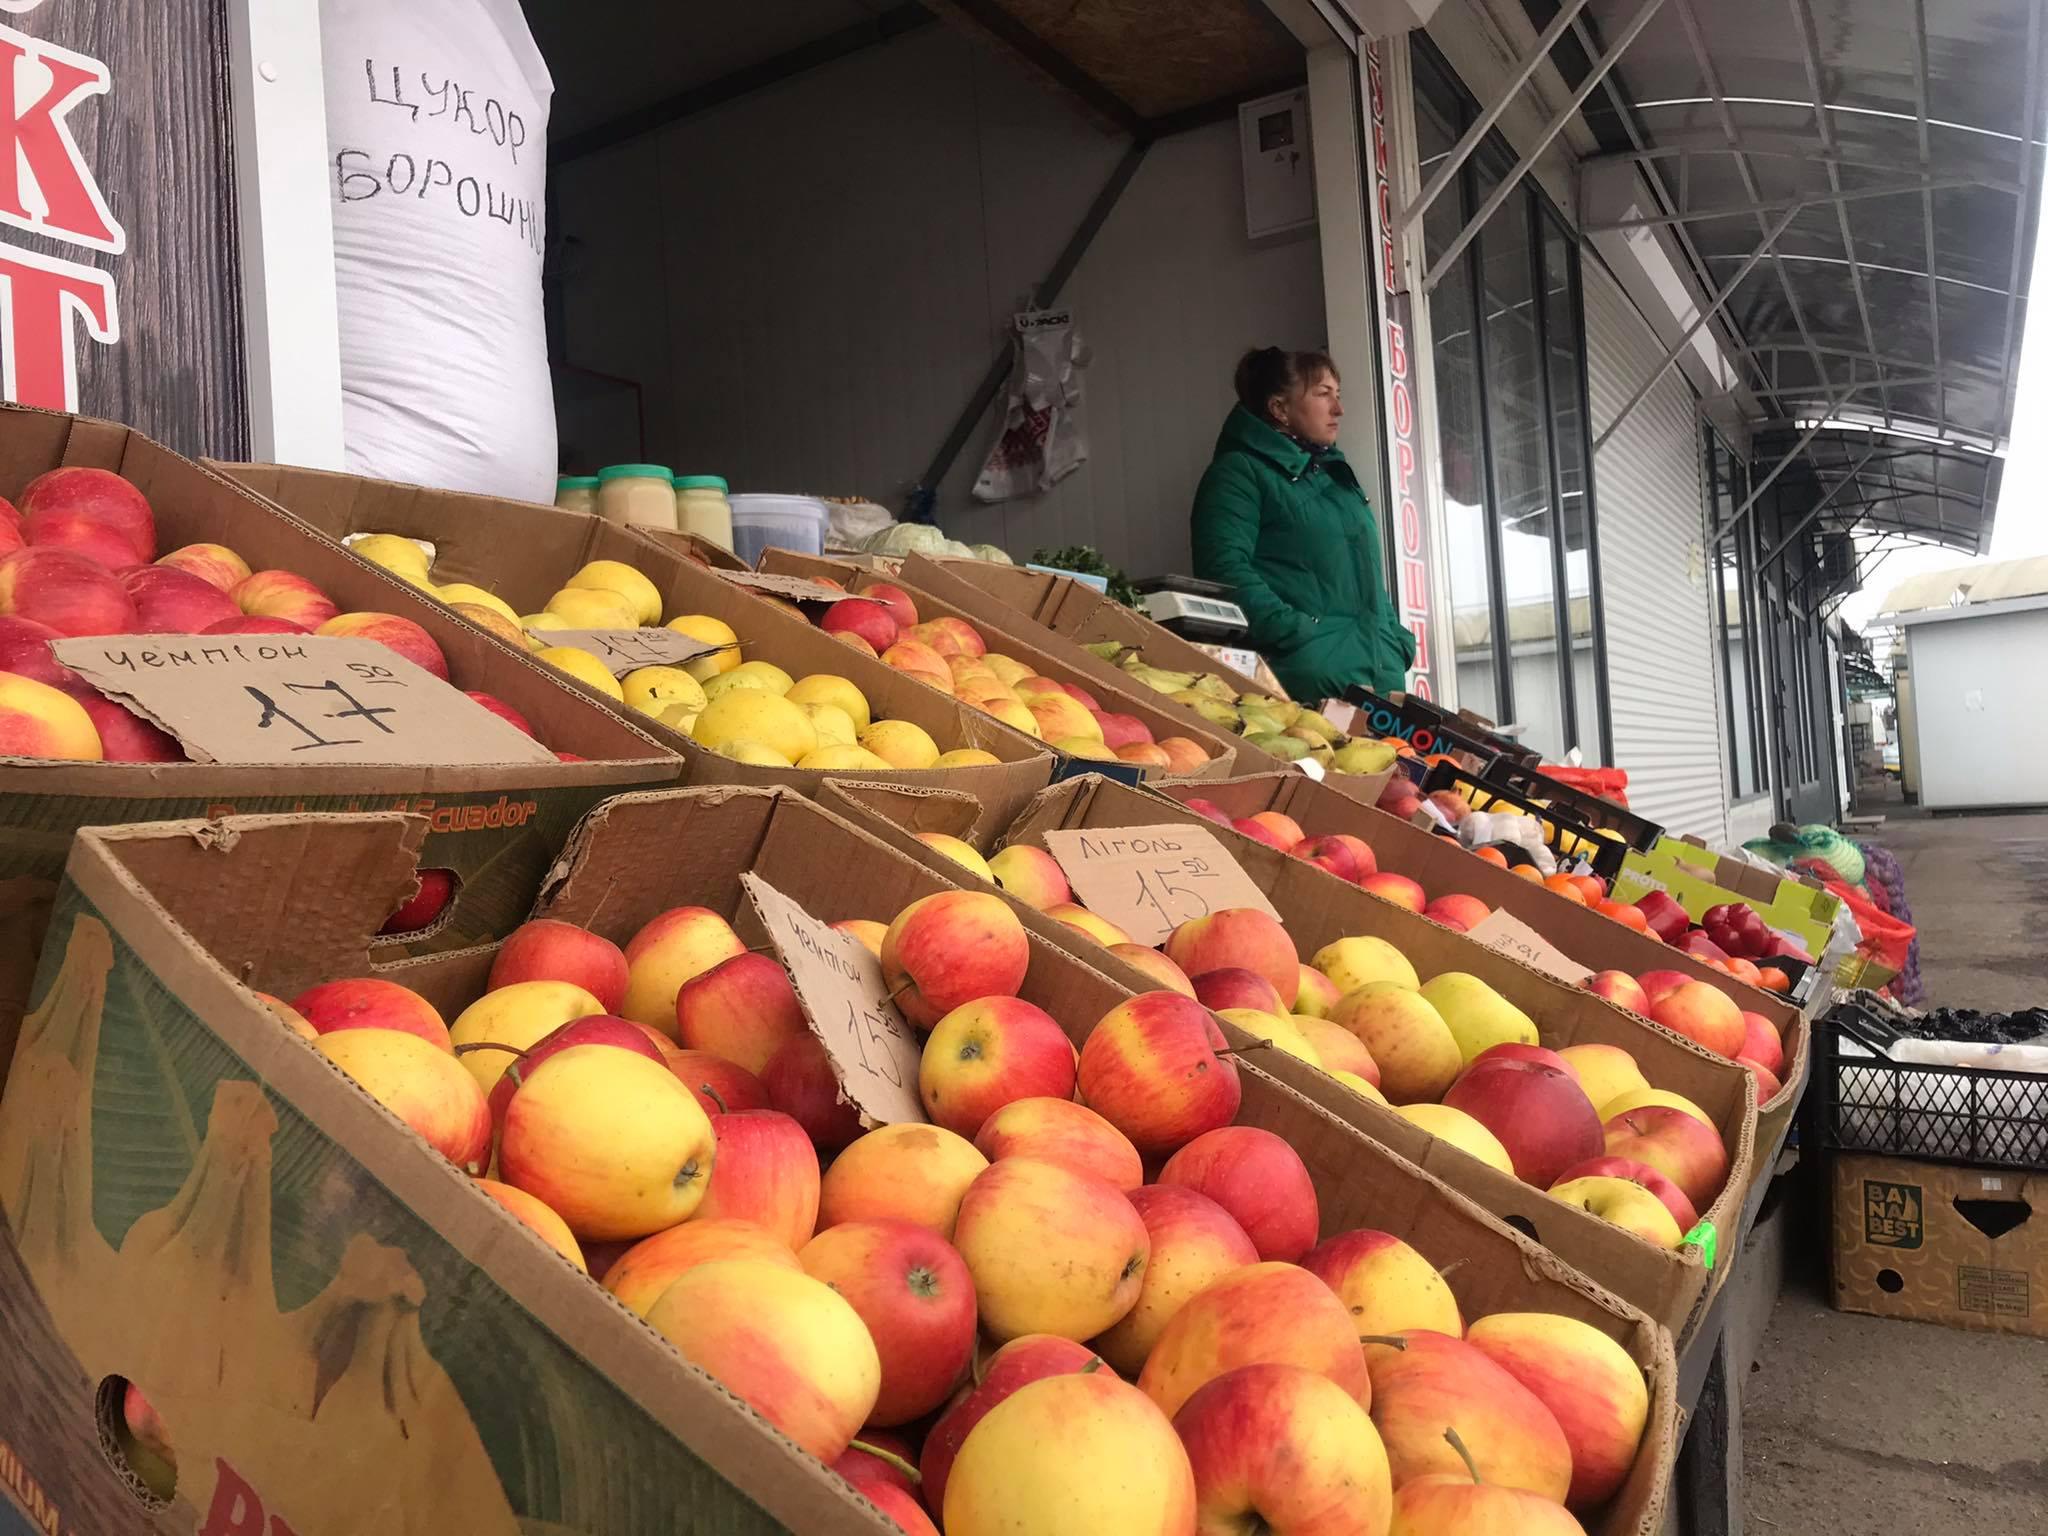 Овочевий ринок в Червонограді відкрито давно. Але чи купуєте ви з впорядкованого прилавка чи просто з землі біля автовокзалу?